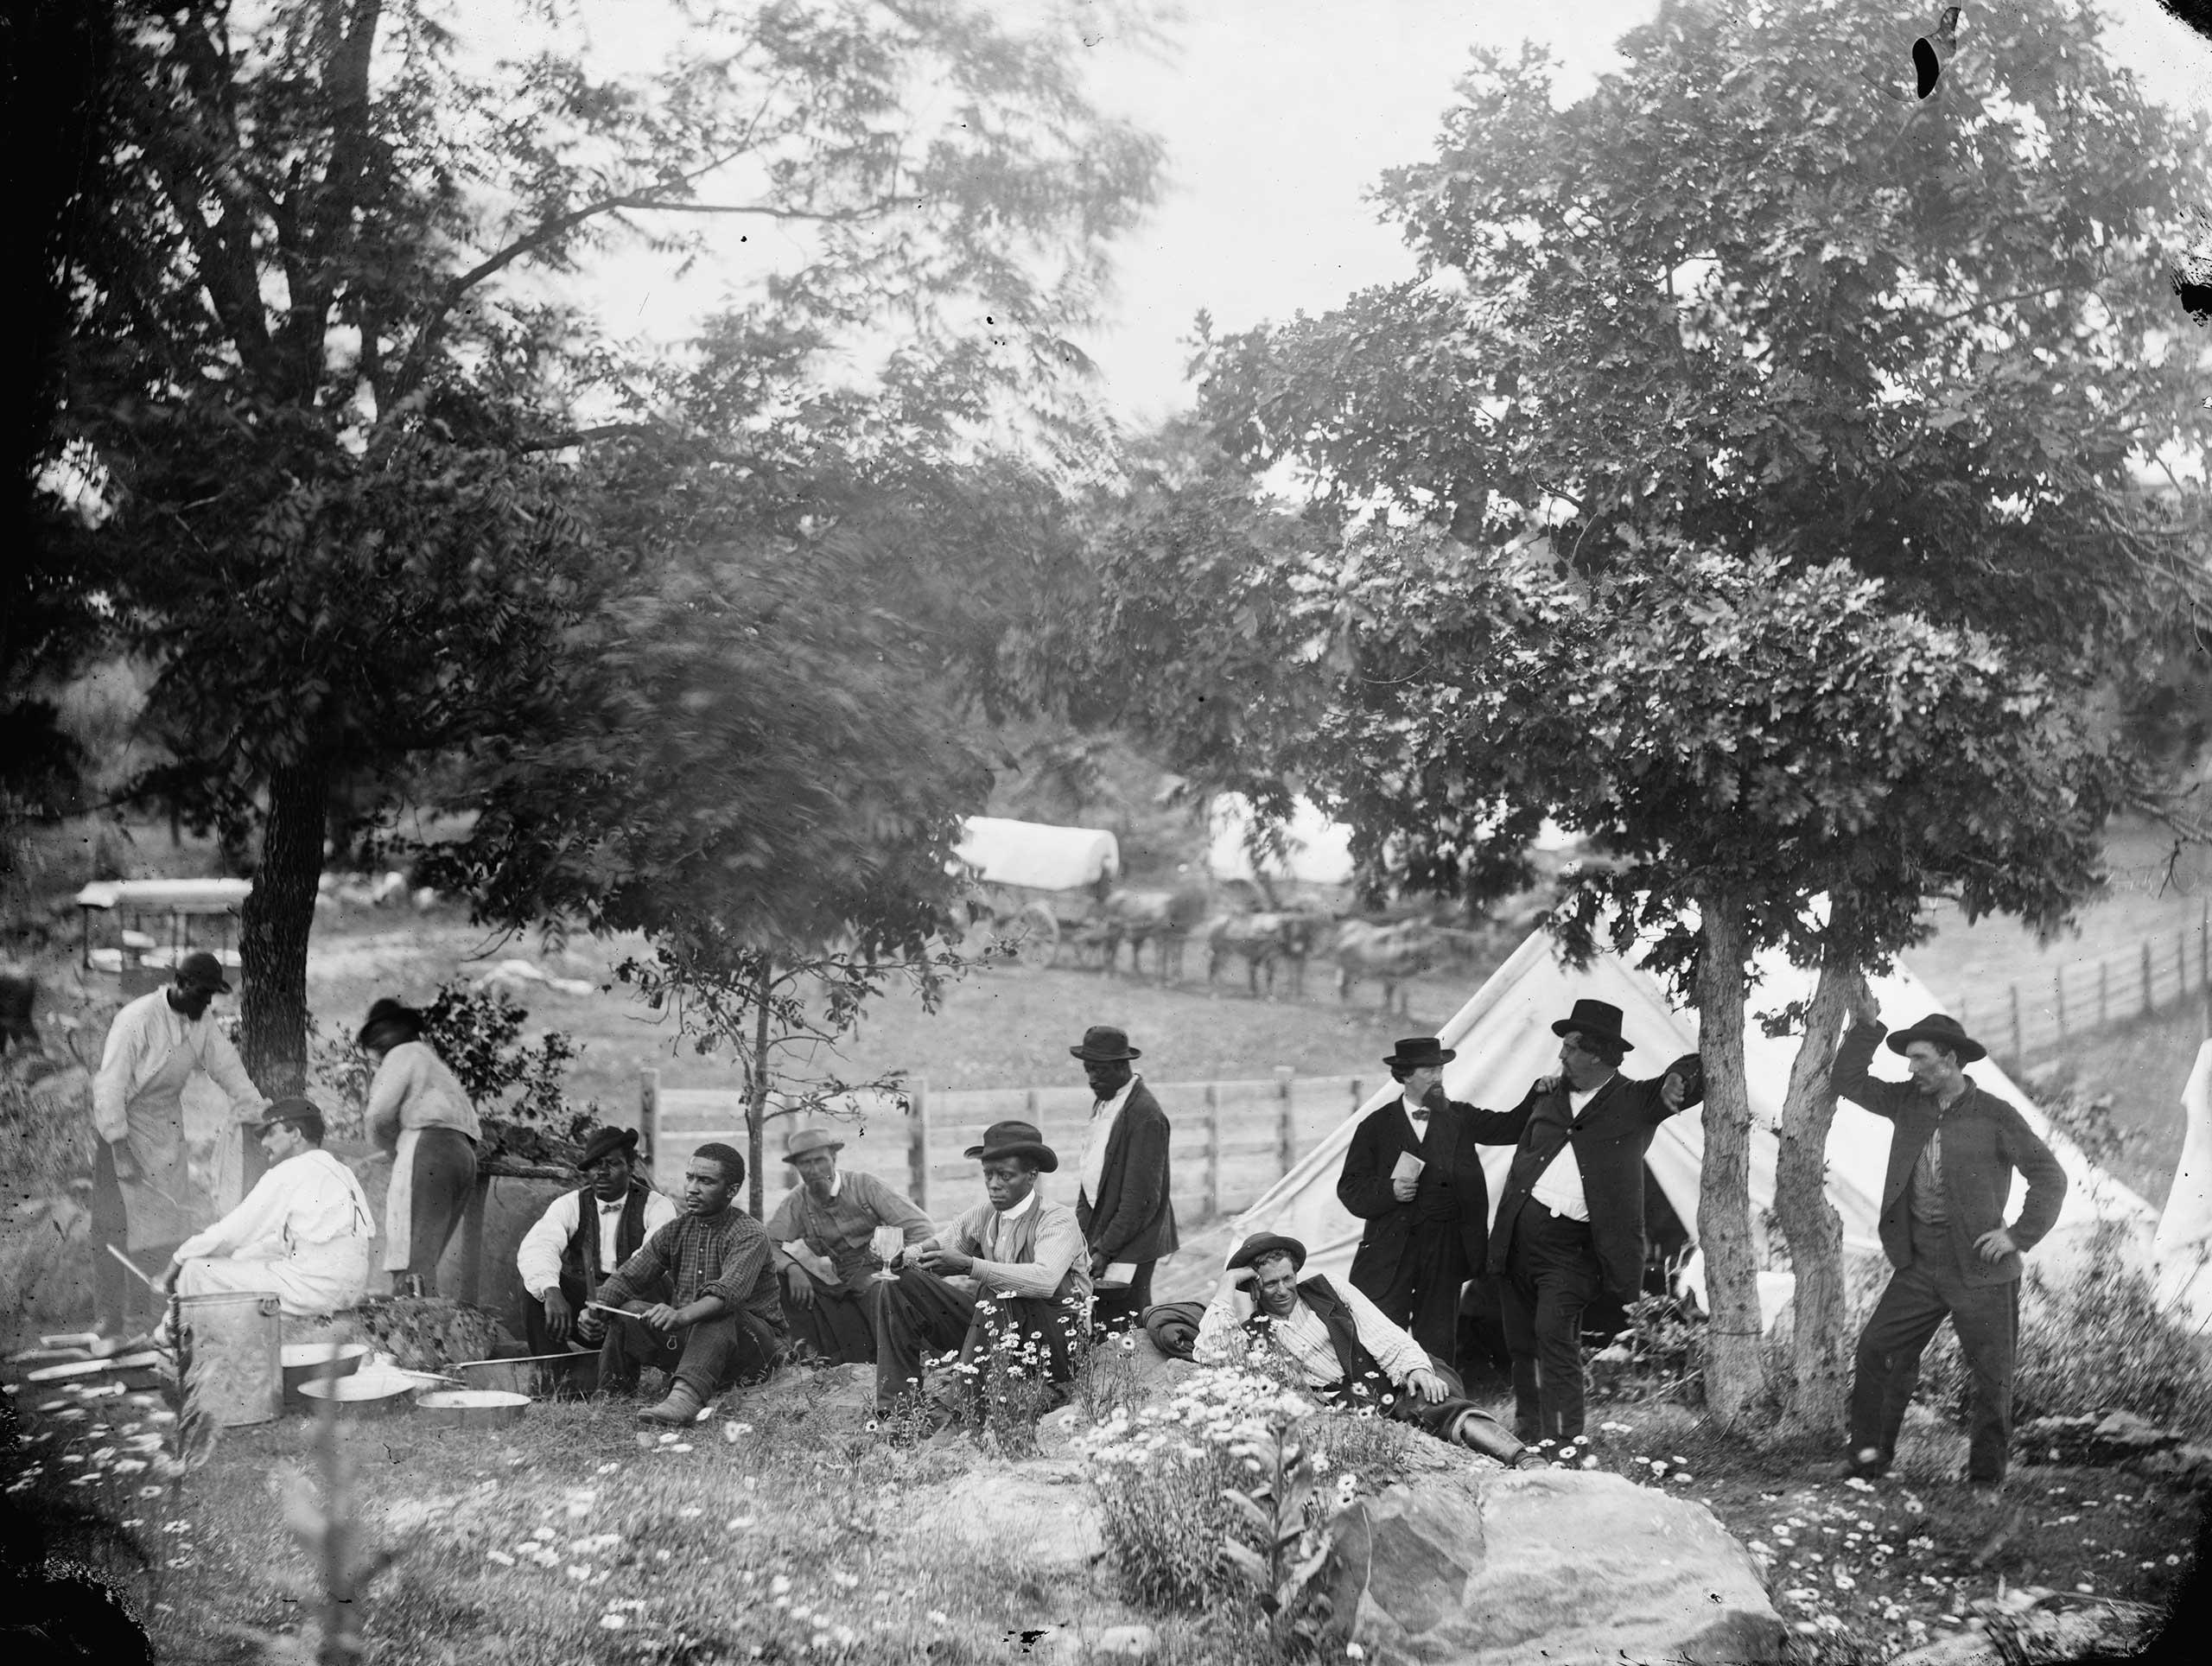 Camp of Captain [John J.] Hoff., in Gettysburg, Penn., July, 1865